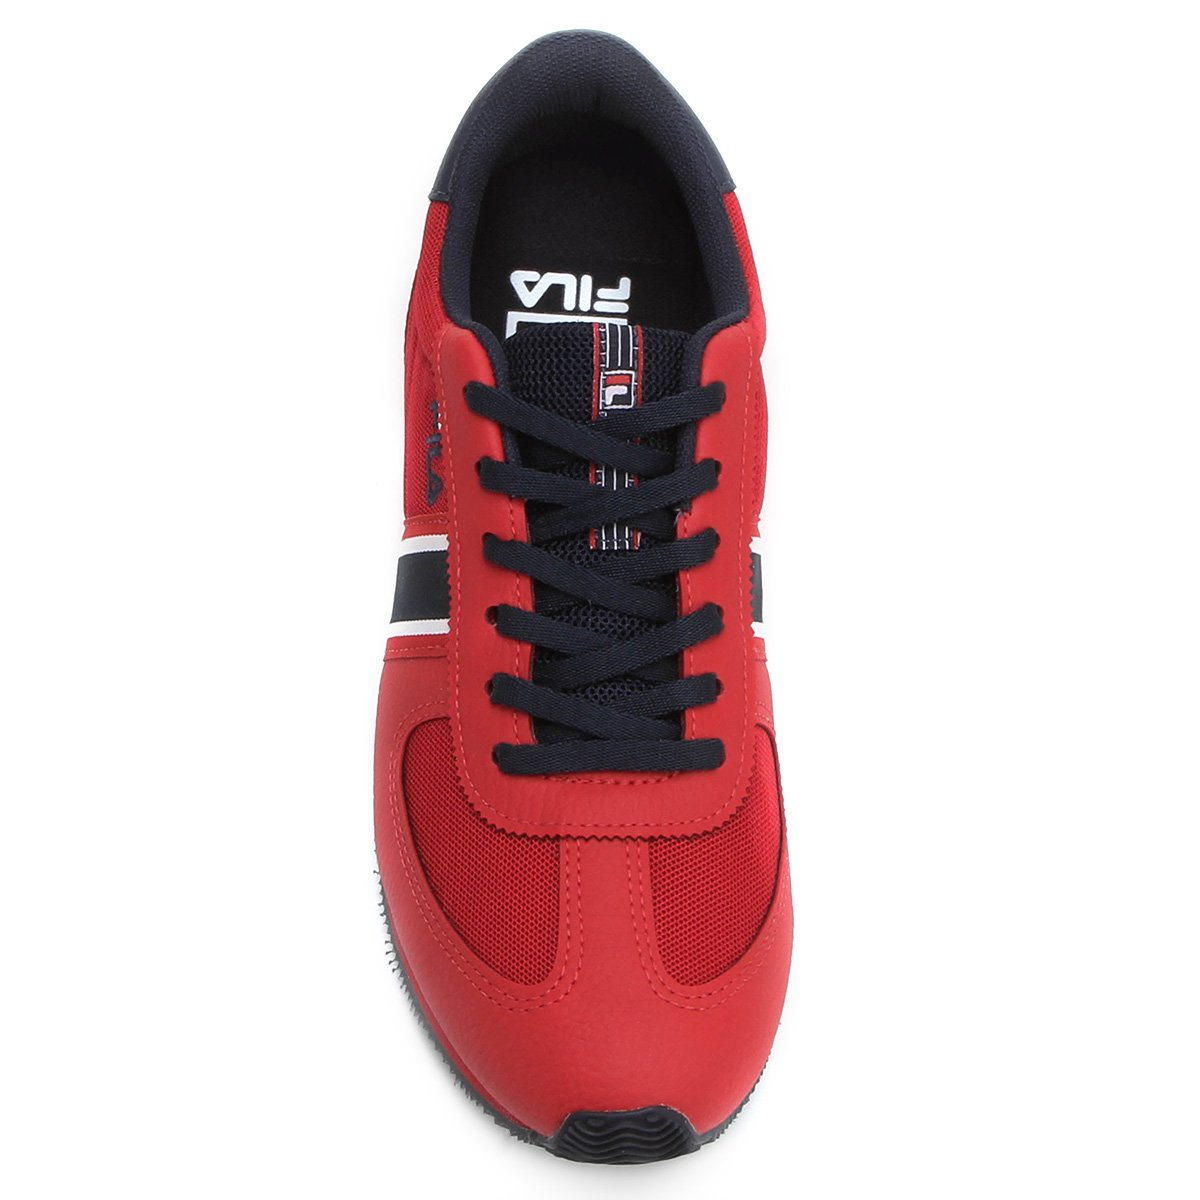 Marinho Tênis Fila Fila F Sport e Vermelho Retrô Tênis PPr8dqxv